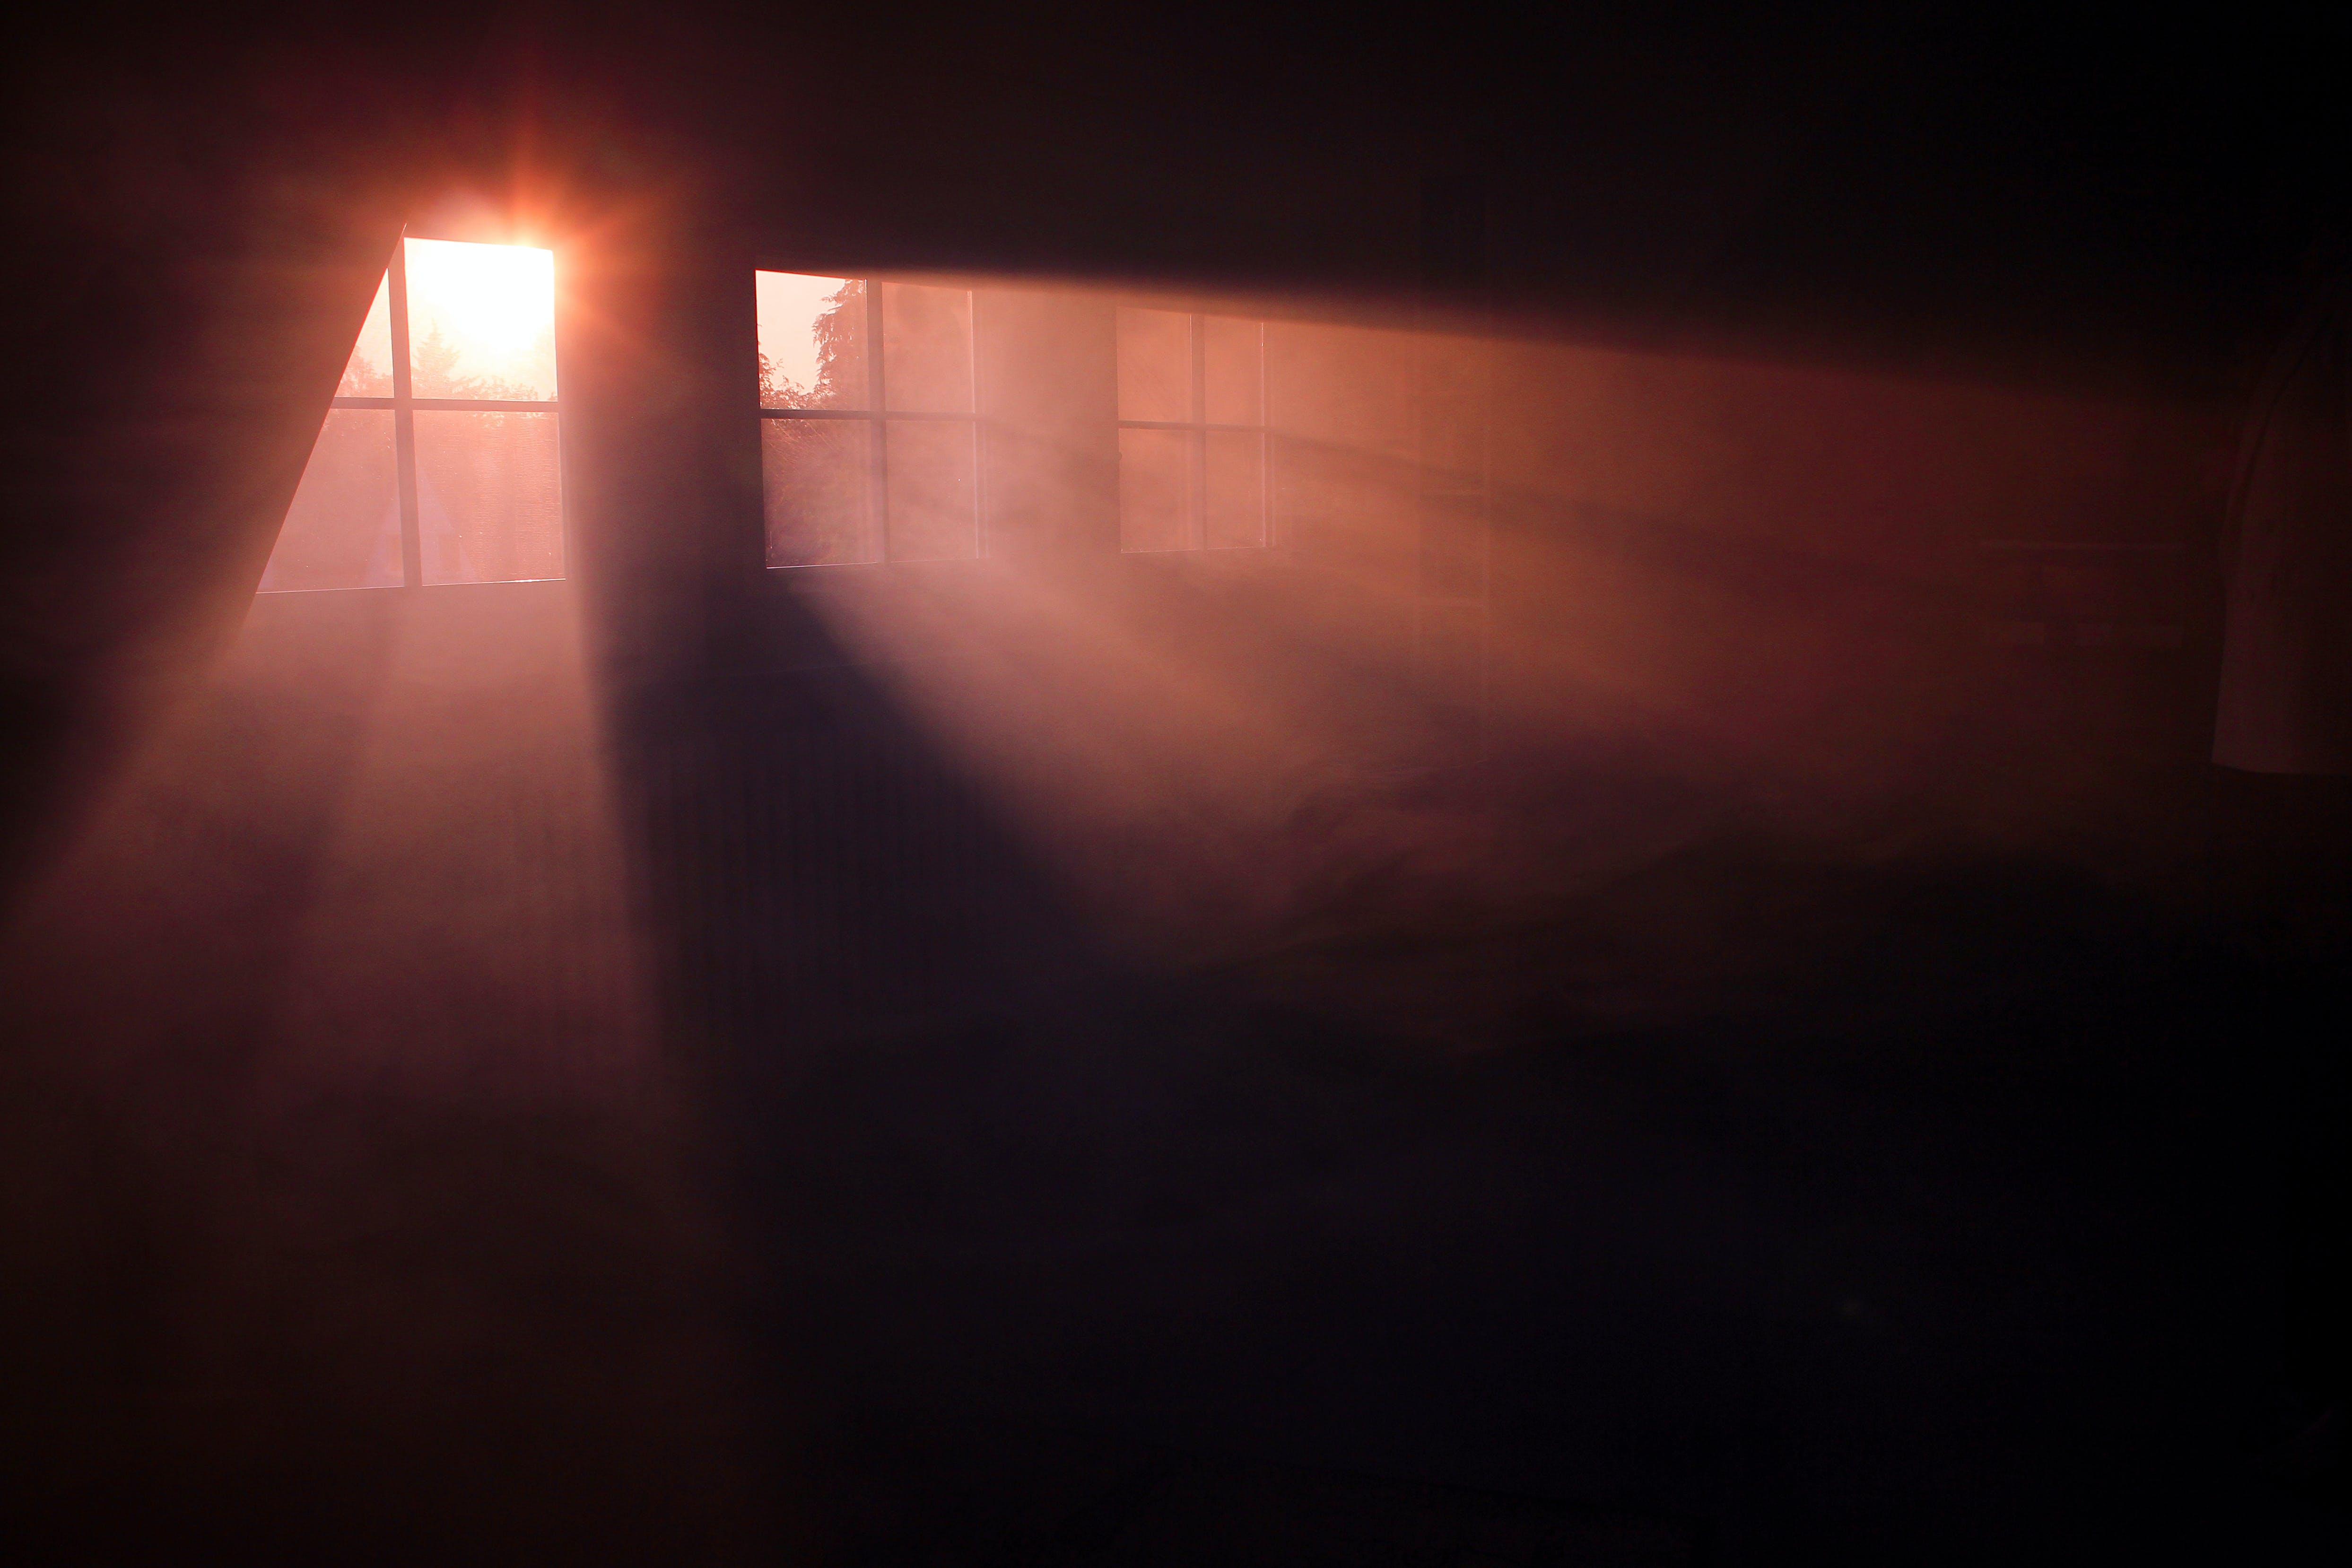 Δωρεάν στοκ φωτογραφιών με αχλή, δύση του ηλίου, δωμάτιο, ελαφρύς